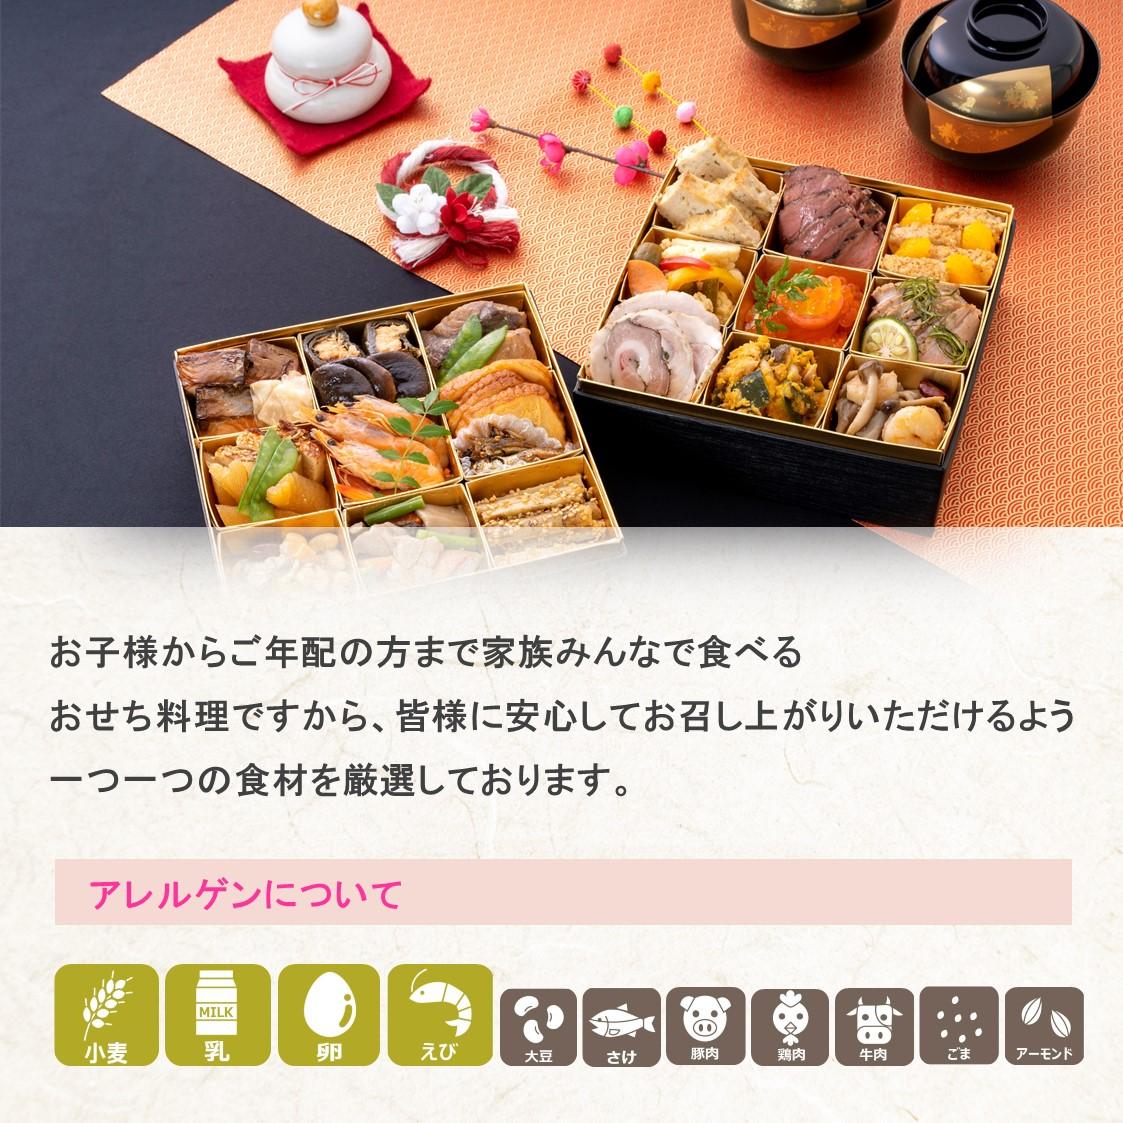 ★早期予約1,000円引★低糖質おせち二段重 『雅』 送料無料